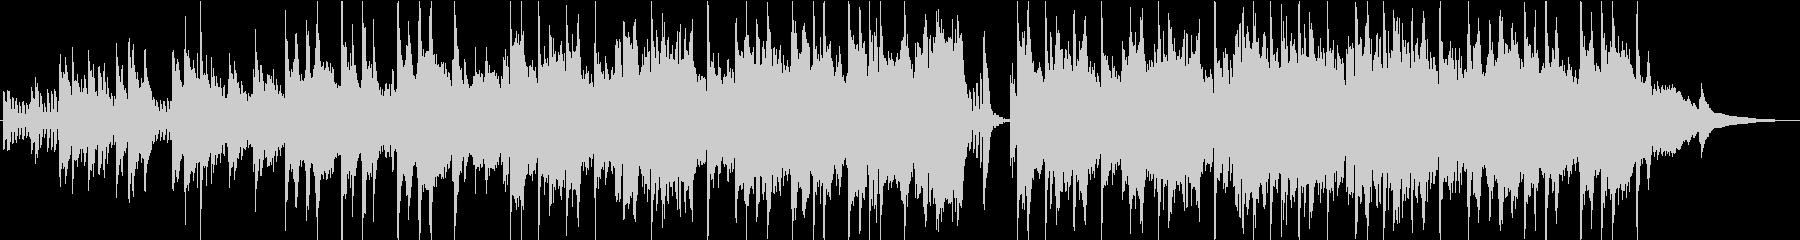 PV】エレガントと感動を併せ持つピアノの未再生の波形